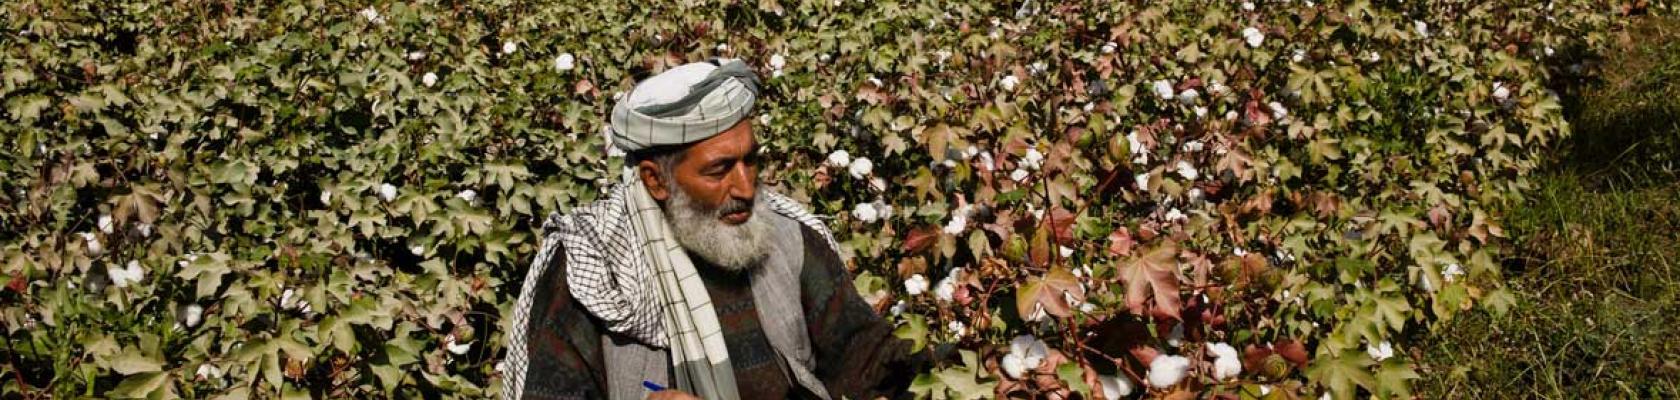 La ferme Puze e Sham, Afghanistan